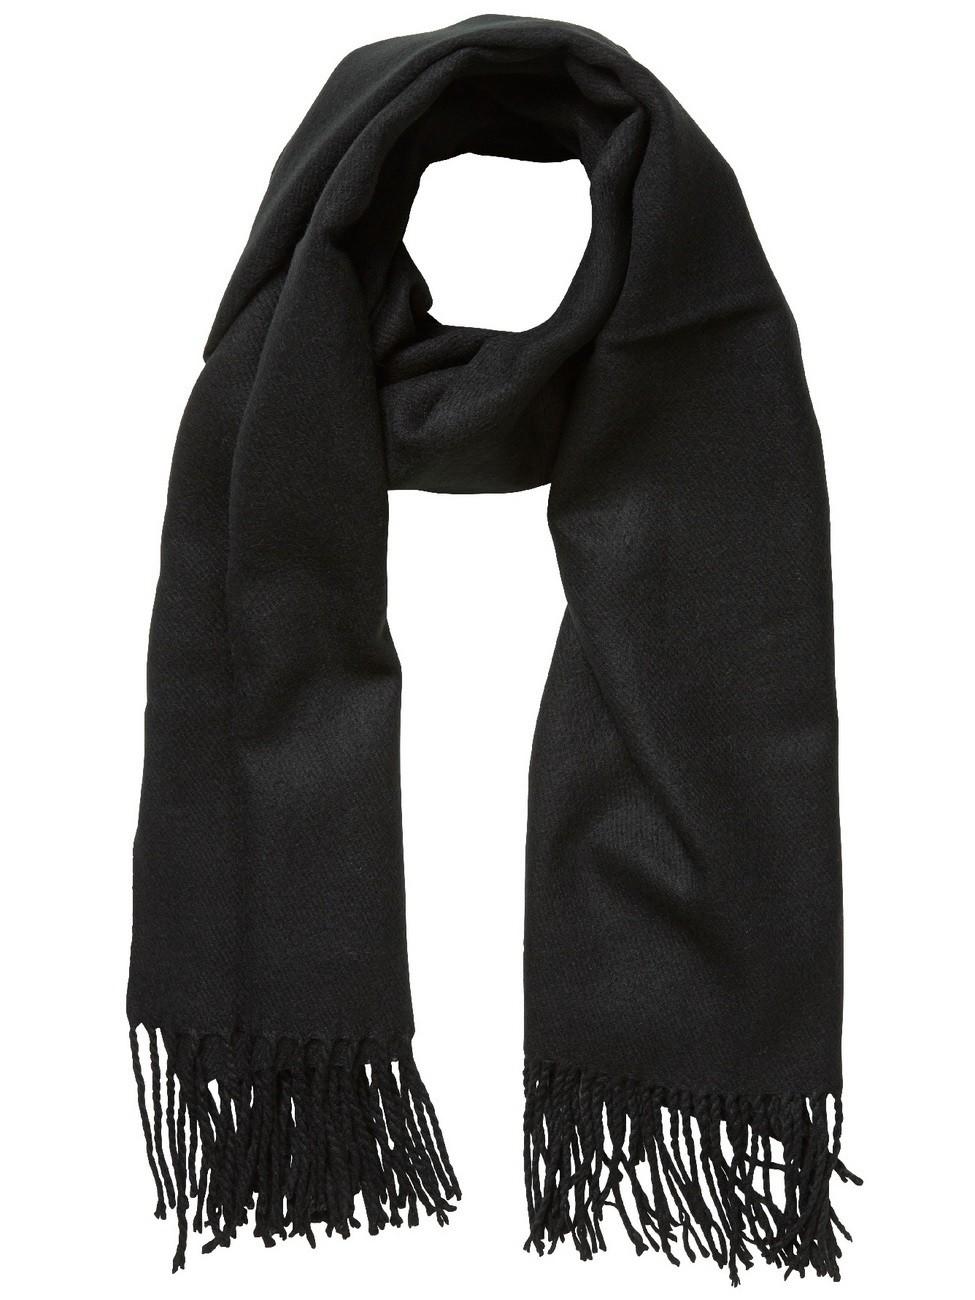 297f5ada5812ea Vero Moda Damen Schal VMSOLID kaufen - JEANS-DIRECT.DE